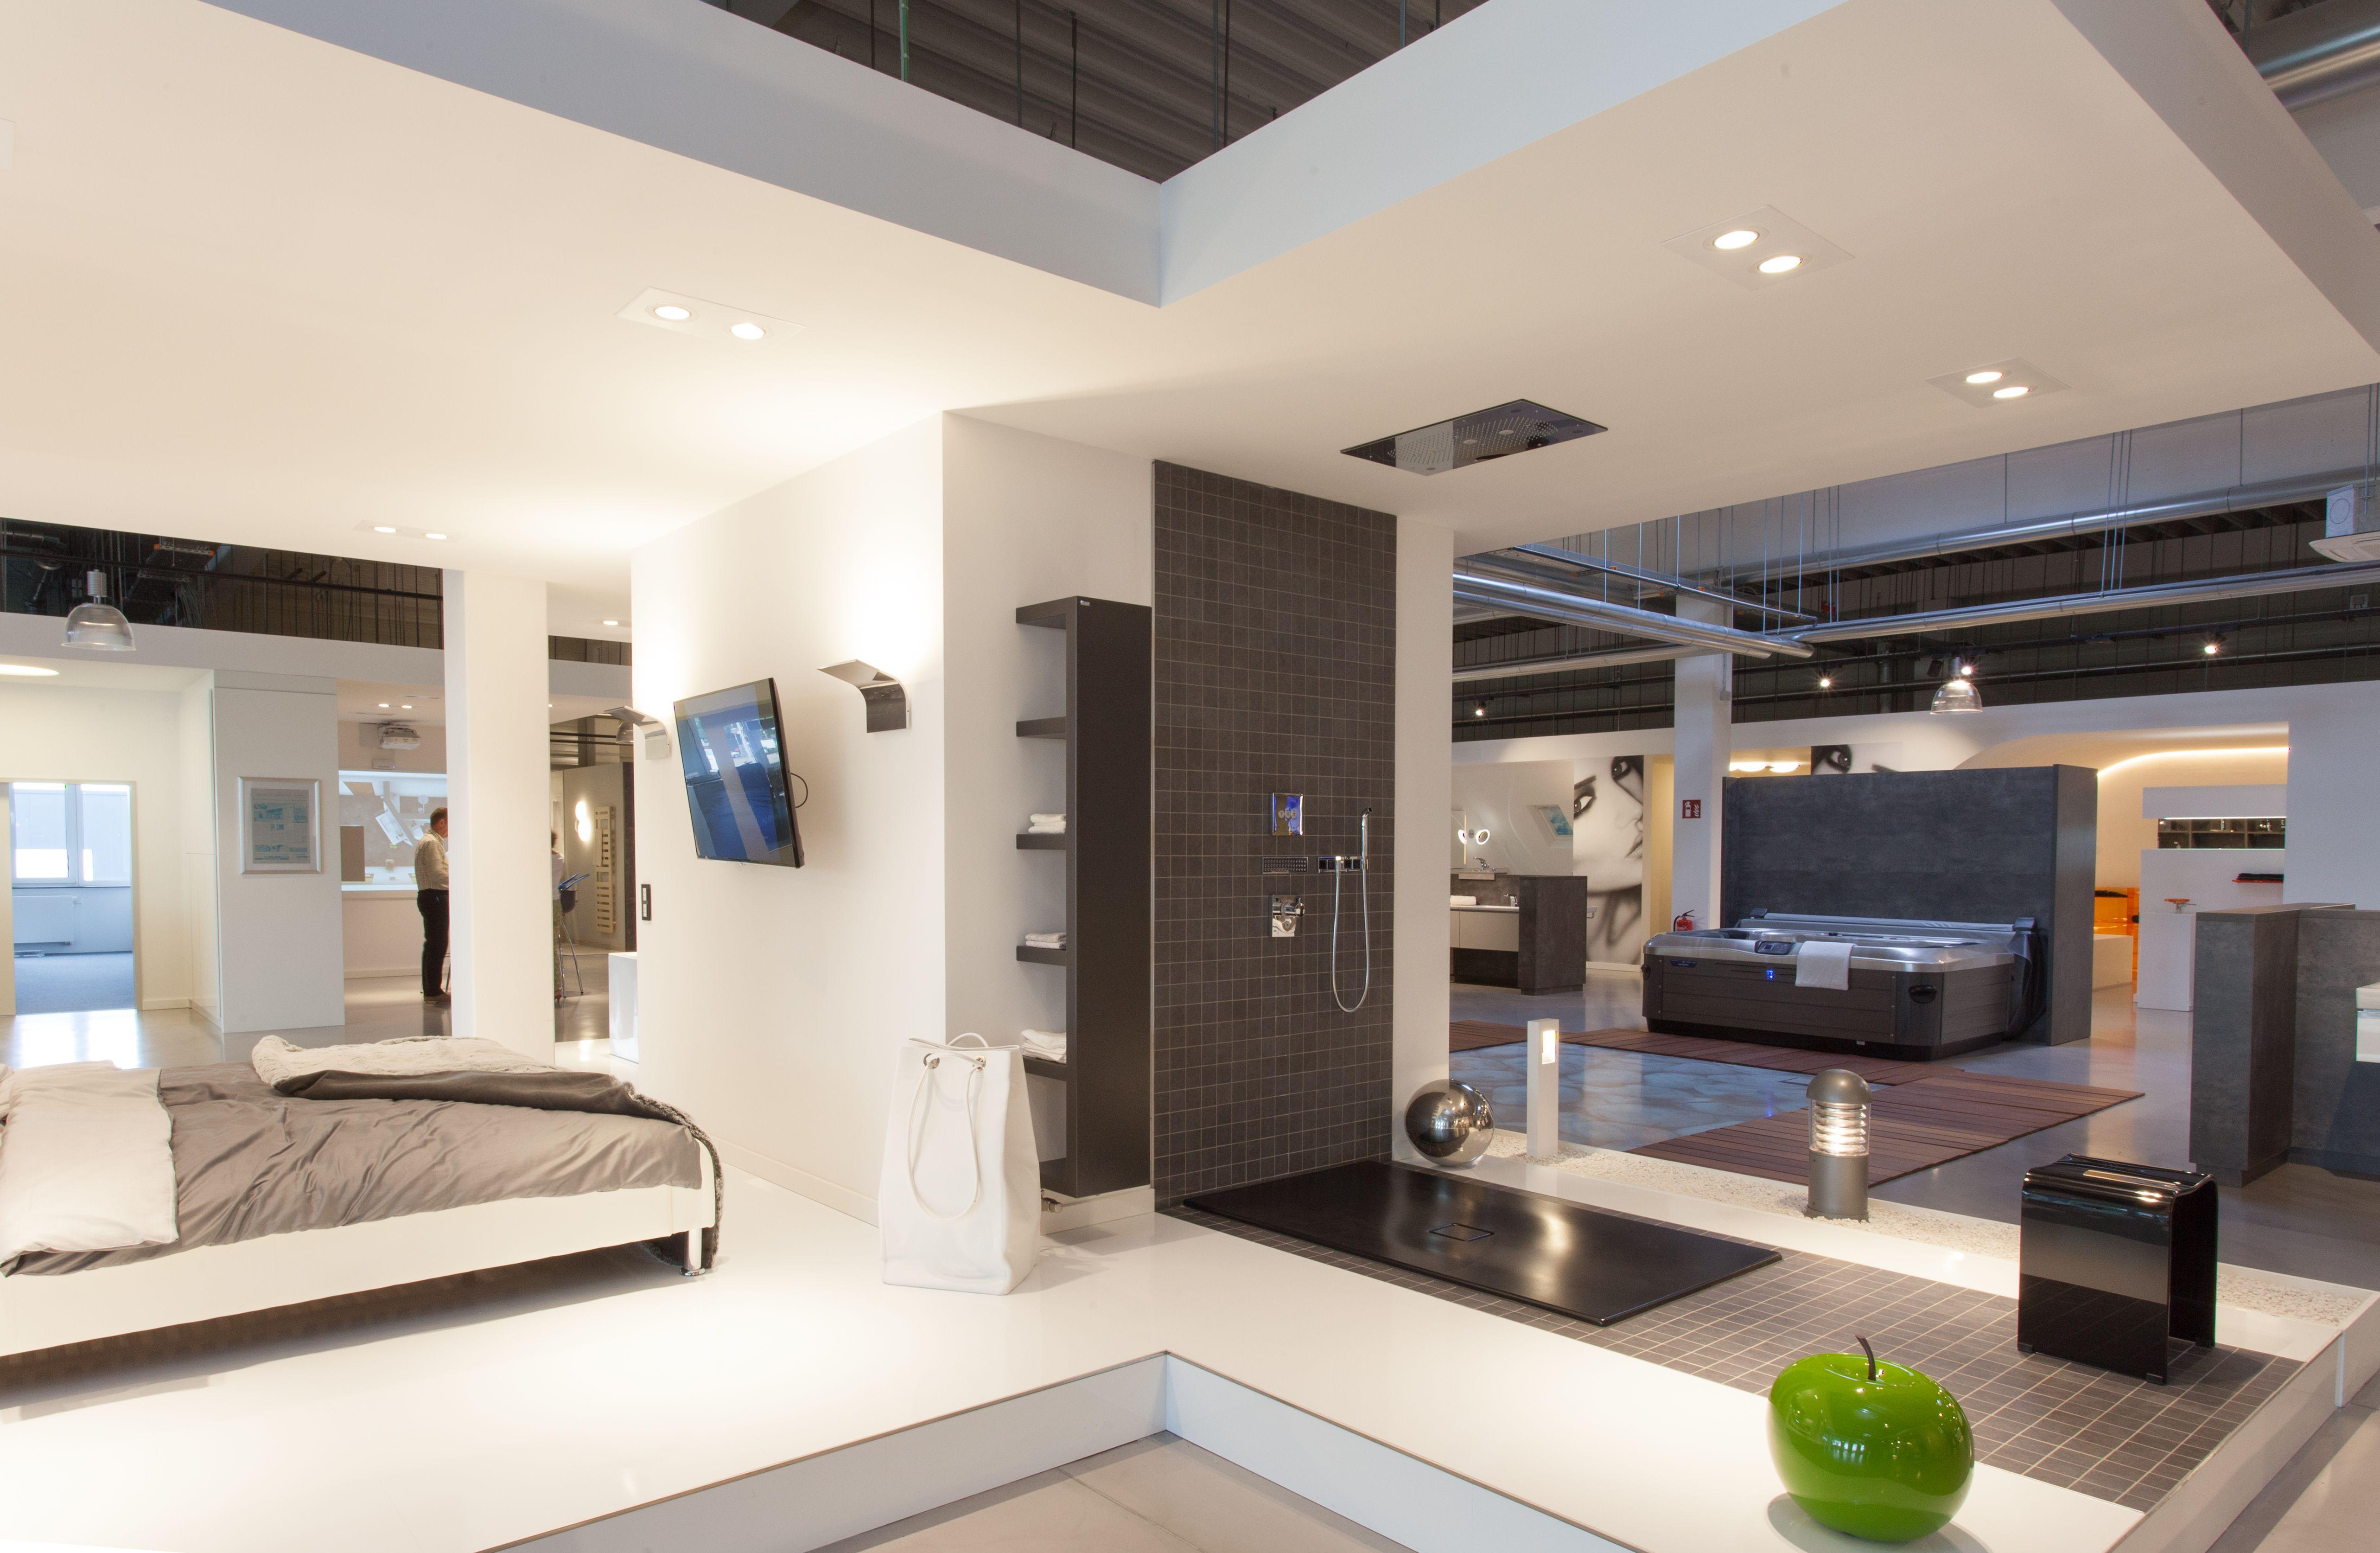 Baden in hannover bad ausstellung von wiedemann for Badezimmer design hannover